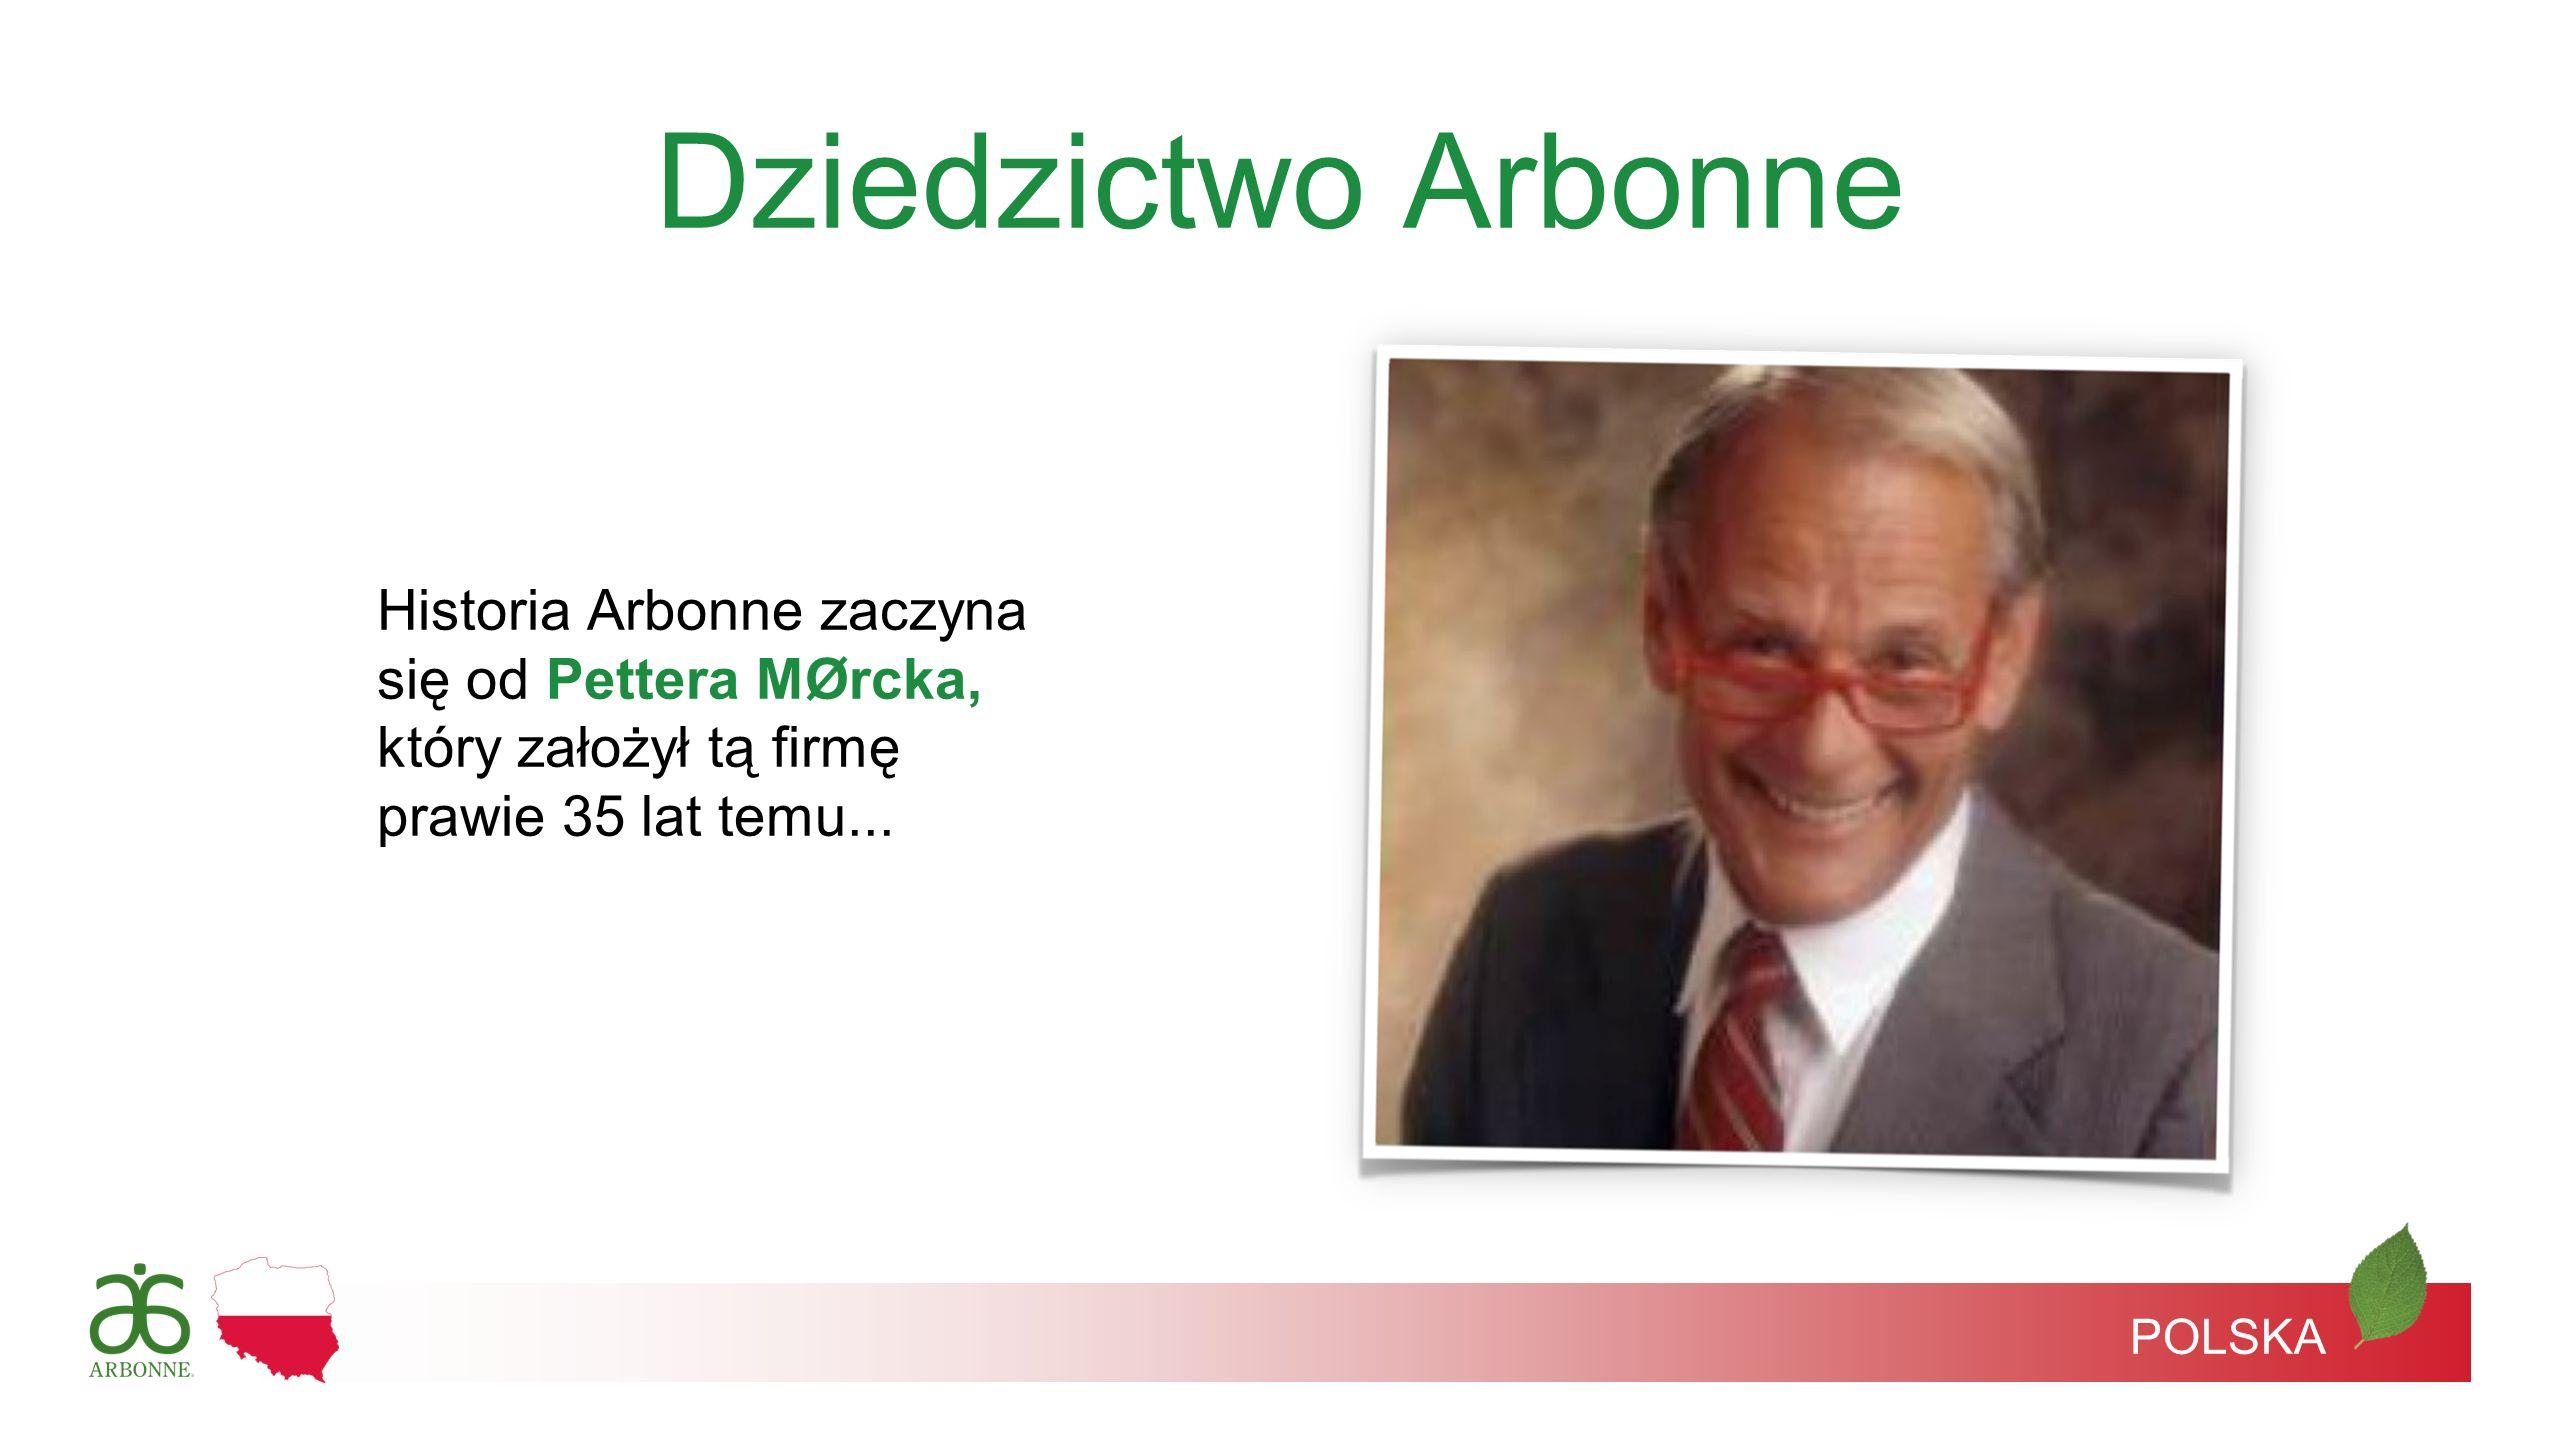 Dziedzictwo Arbonne Historia Arbonne zaczyna się od Pettera MØrcka, który założył tą firmę prawie 35 lat temu...